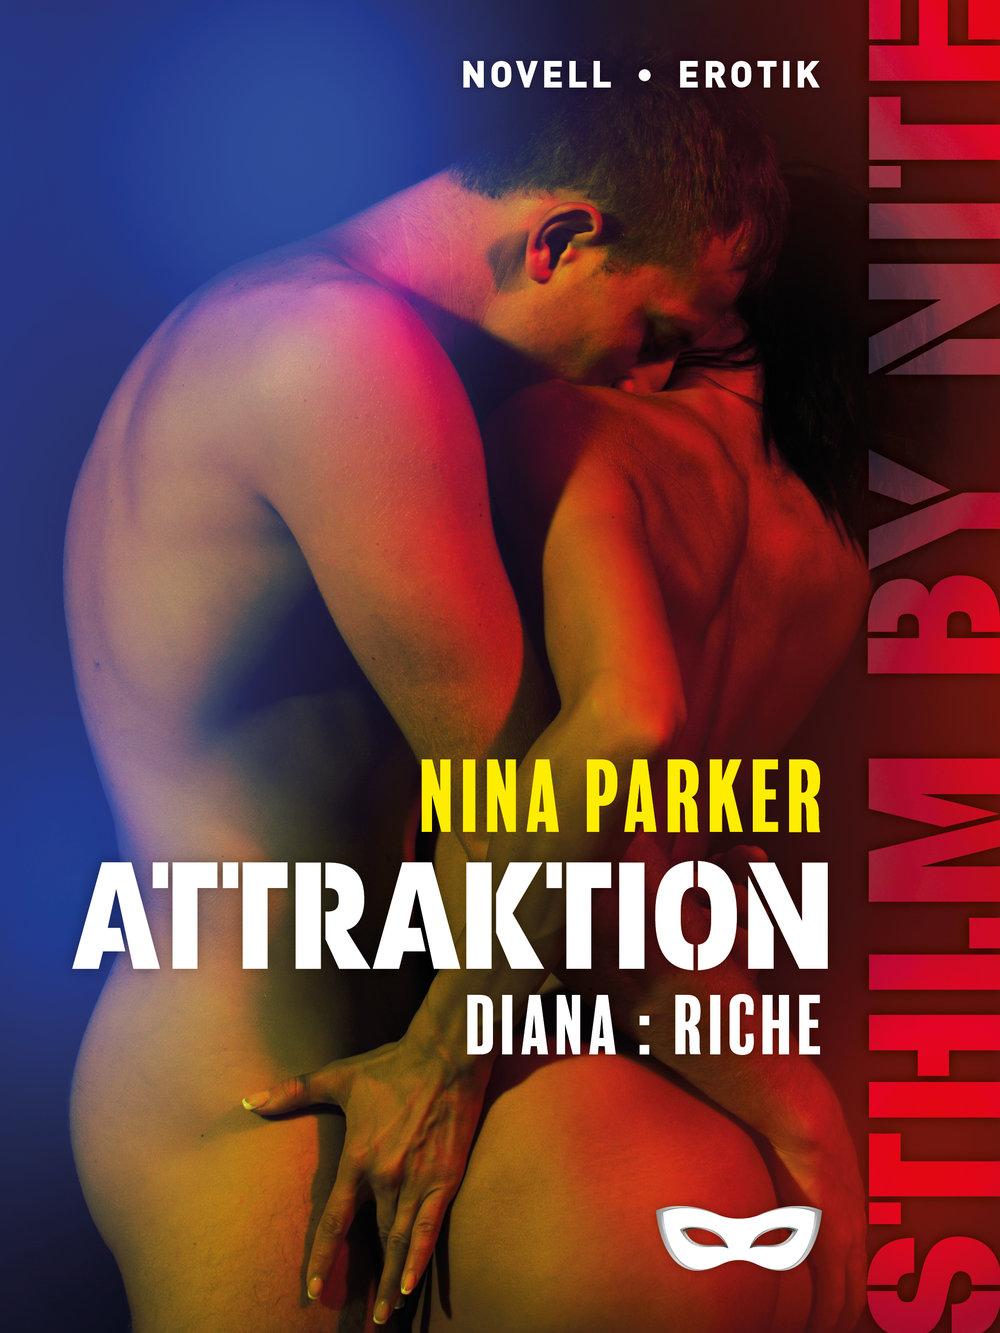 ATRA-n_Attraktion_Nina Parker.jpg